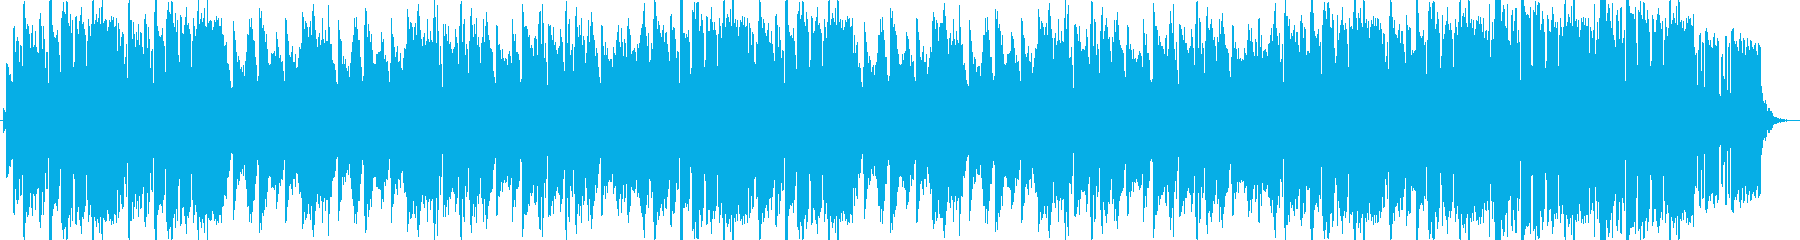 アコーディオンによる懐かしい雰囲気の曲の再生済みの波形